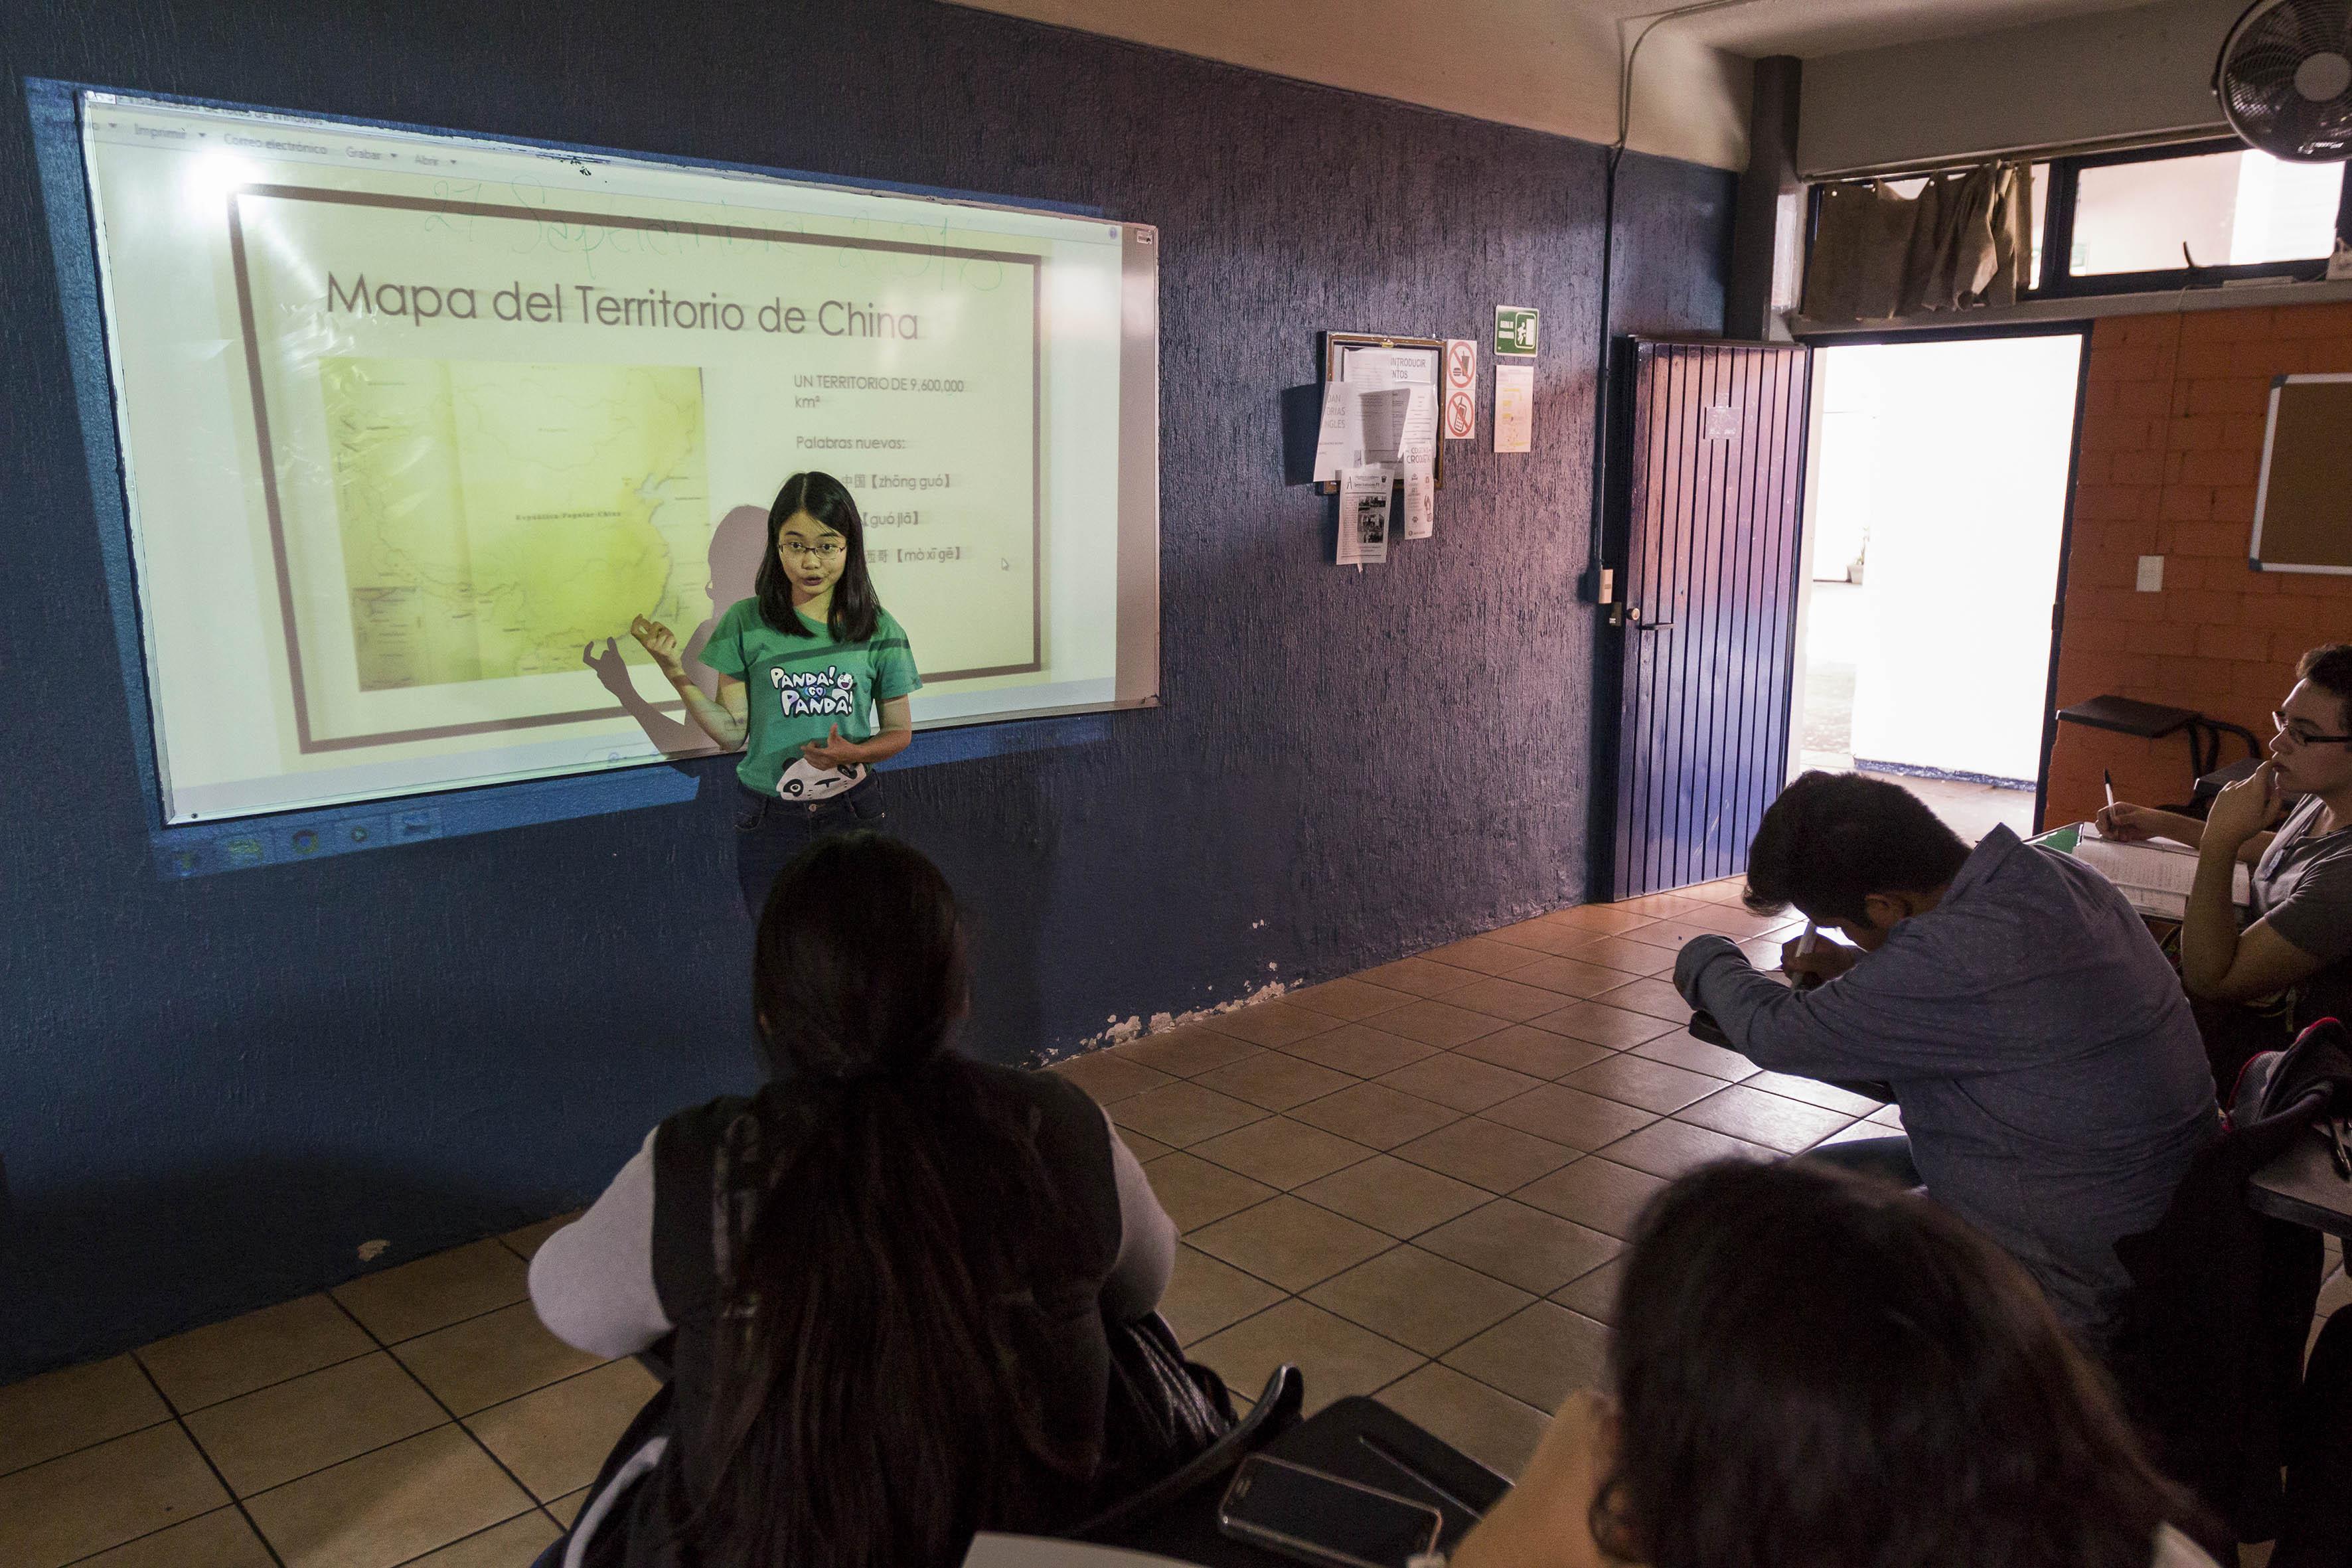 Profesora impartiendo clases de chino mandarín